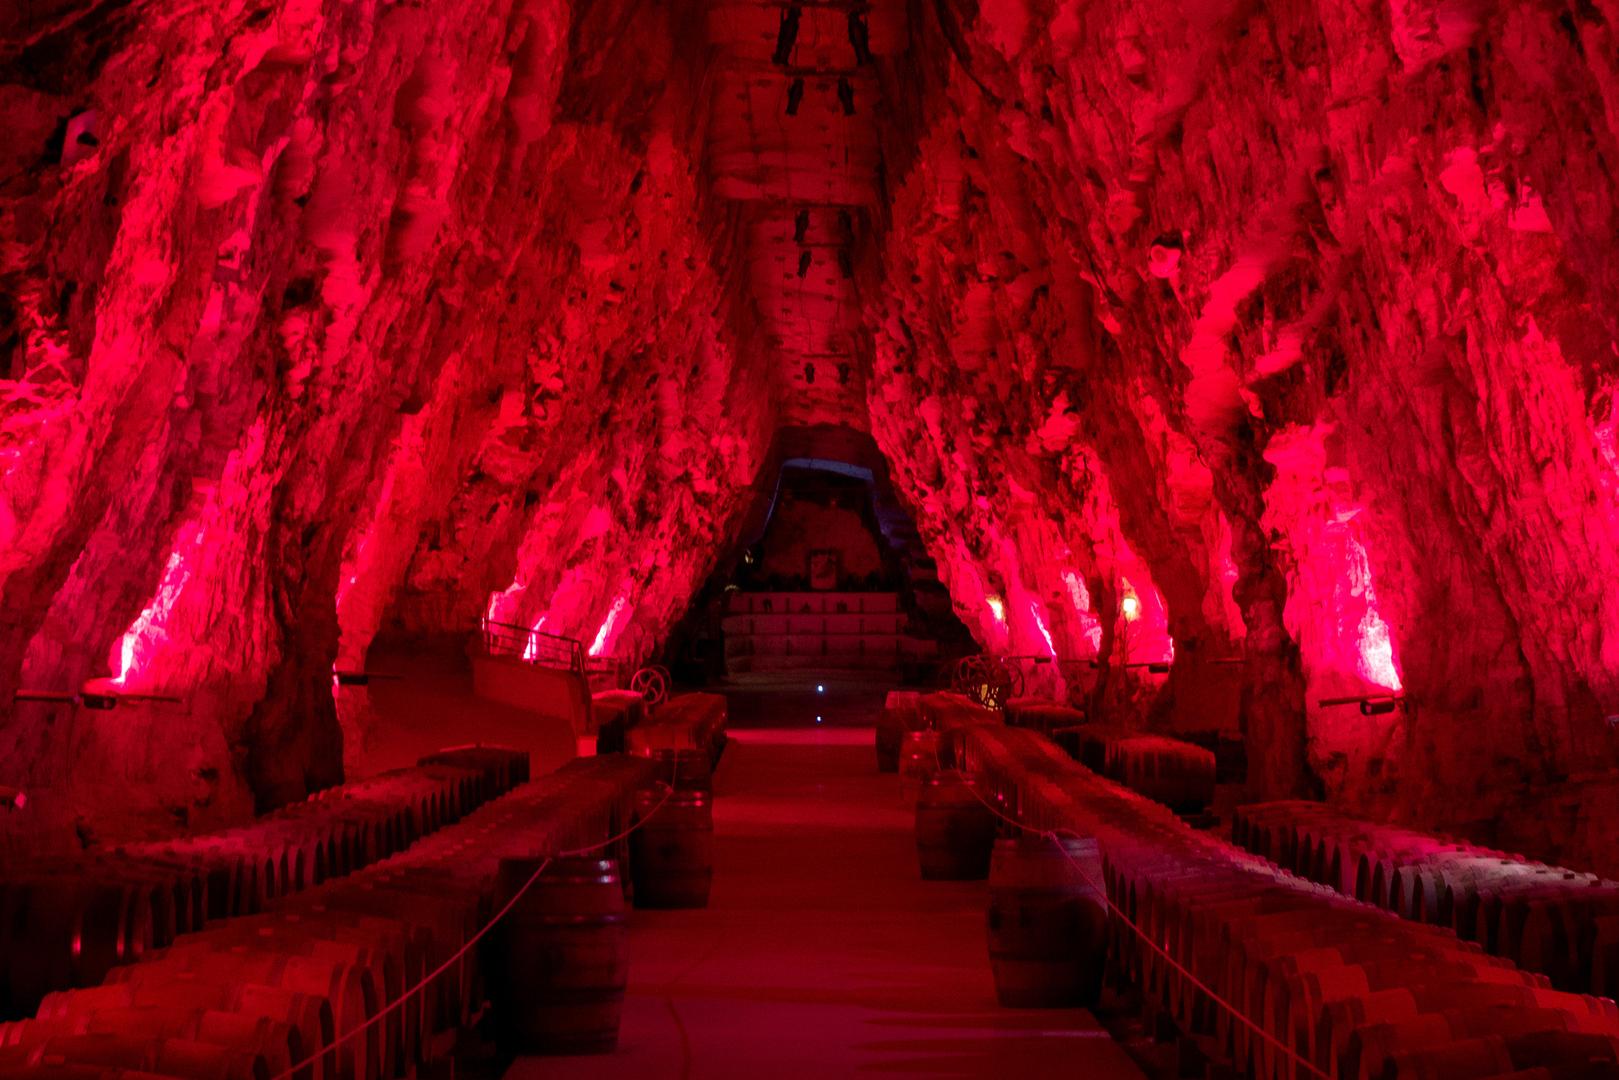 Wein-Gewölbekeller in ehemaliger Miene Portel-des-Corbières FR